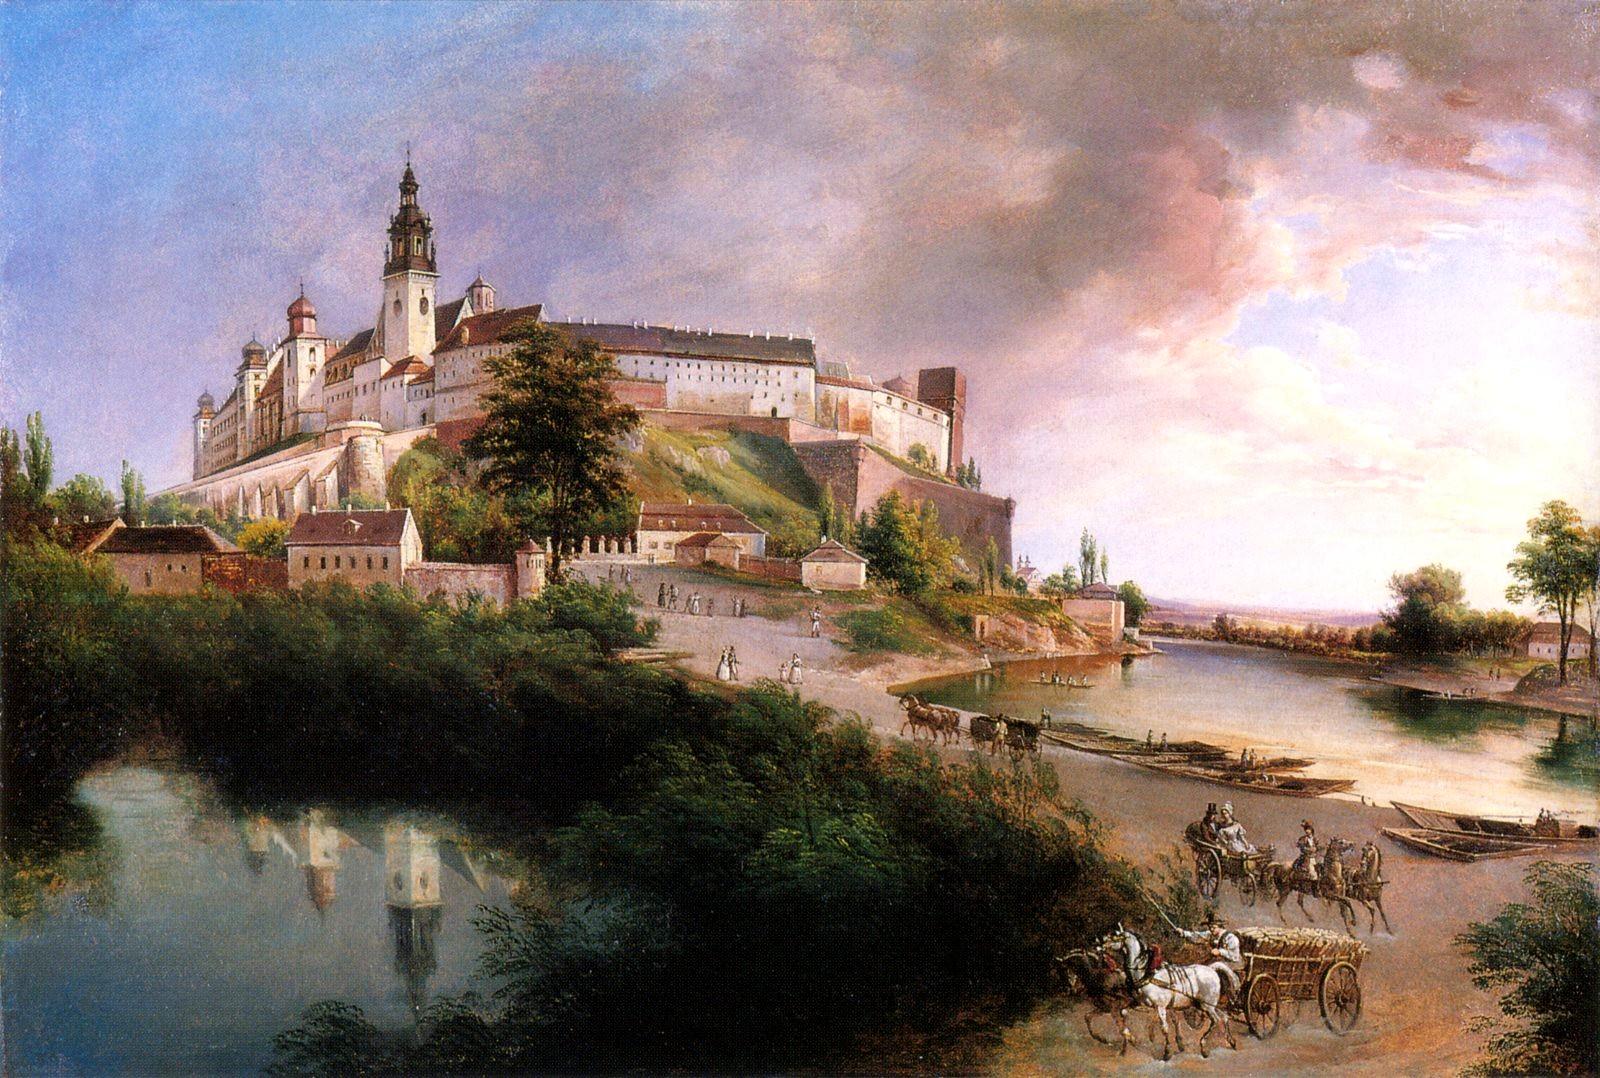 """Jan Nepomucen Głowacki (1802-1847) """"Widok na Wawel"""", około 1847 roku, źródło: Państwowe Zbiory Sztuki na Wawelu"""